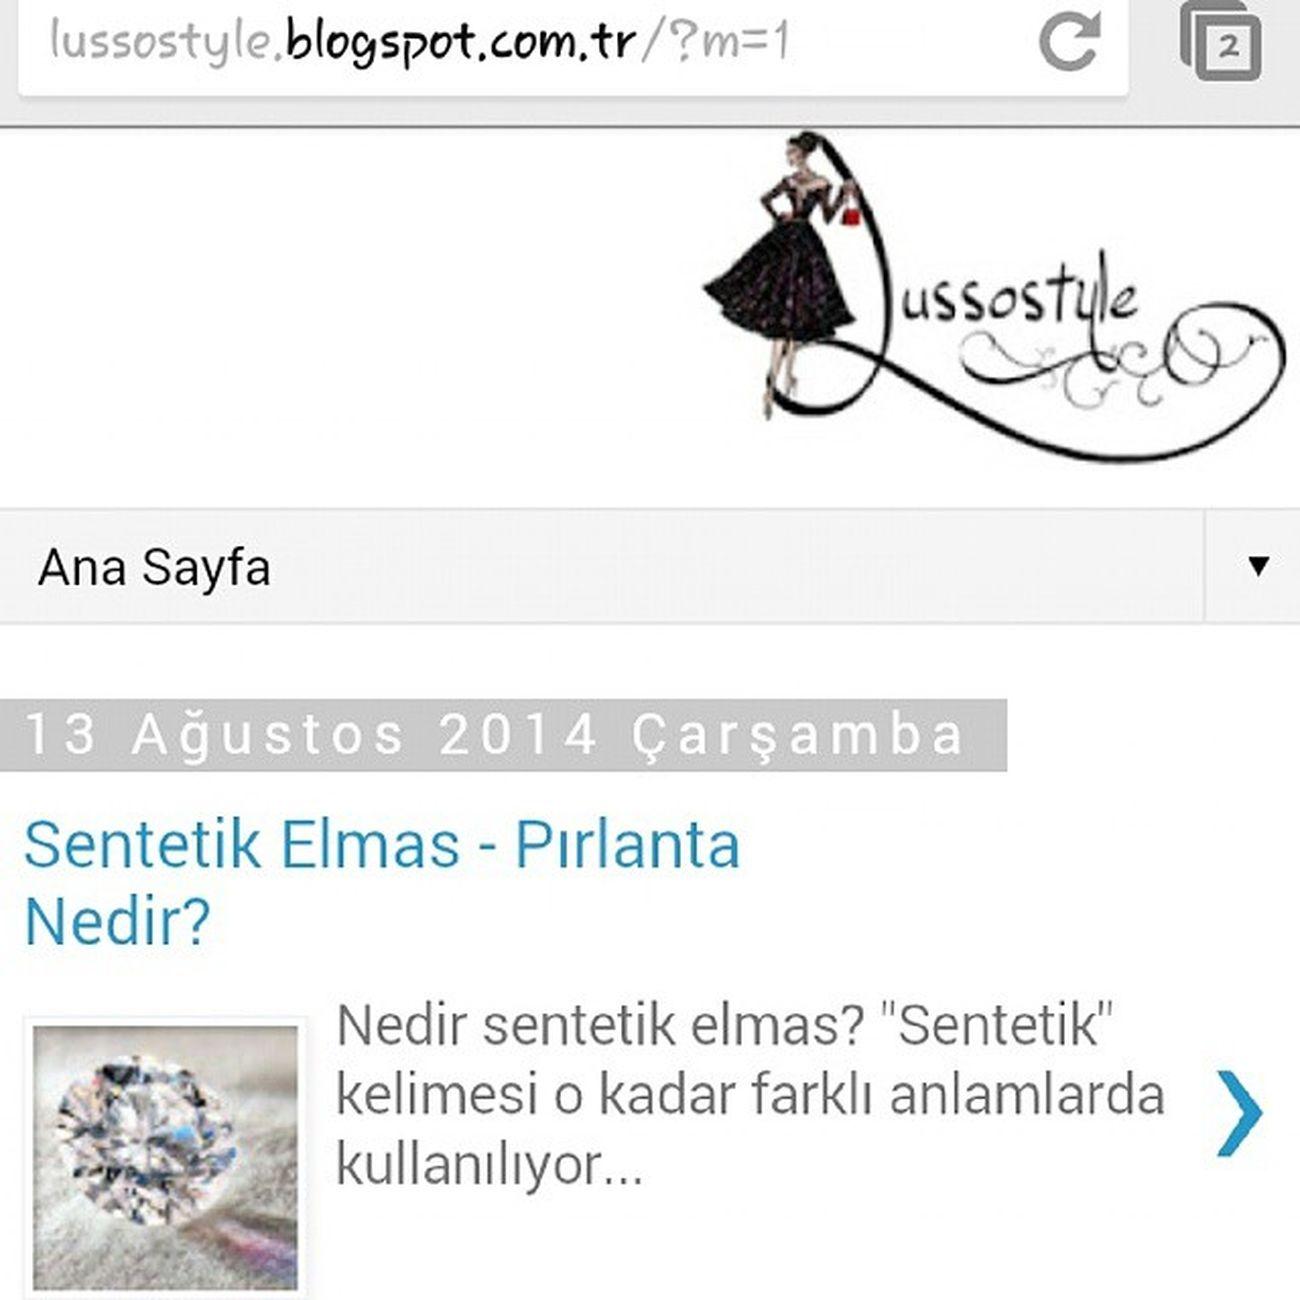 Sentetik Elmas nedir biliyor musunuz? Ya da ne olup ne olmadigindan emin misiniz? Dogru bilgilendiriliyor musunuz? Internetteki Türkce bilgiler ve videolar korkunc yanlisliklar iceriyor. Sentetik elmaslari yazdim,merak eden bloga buyursun! Elmas Pirlanta Manmade Turkishfollowers Turkishbloggers Blogyazisi Bilim Blogger Kuyumculuk Instagramturkey Instagramturkiye